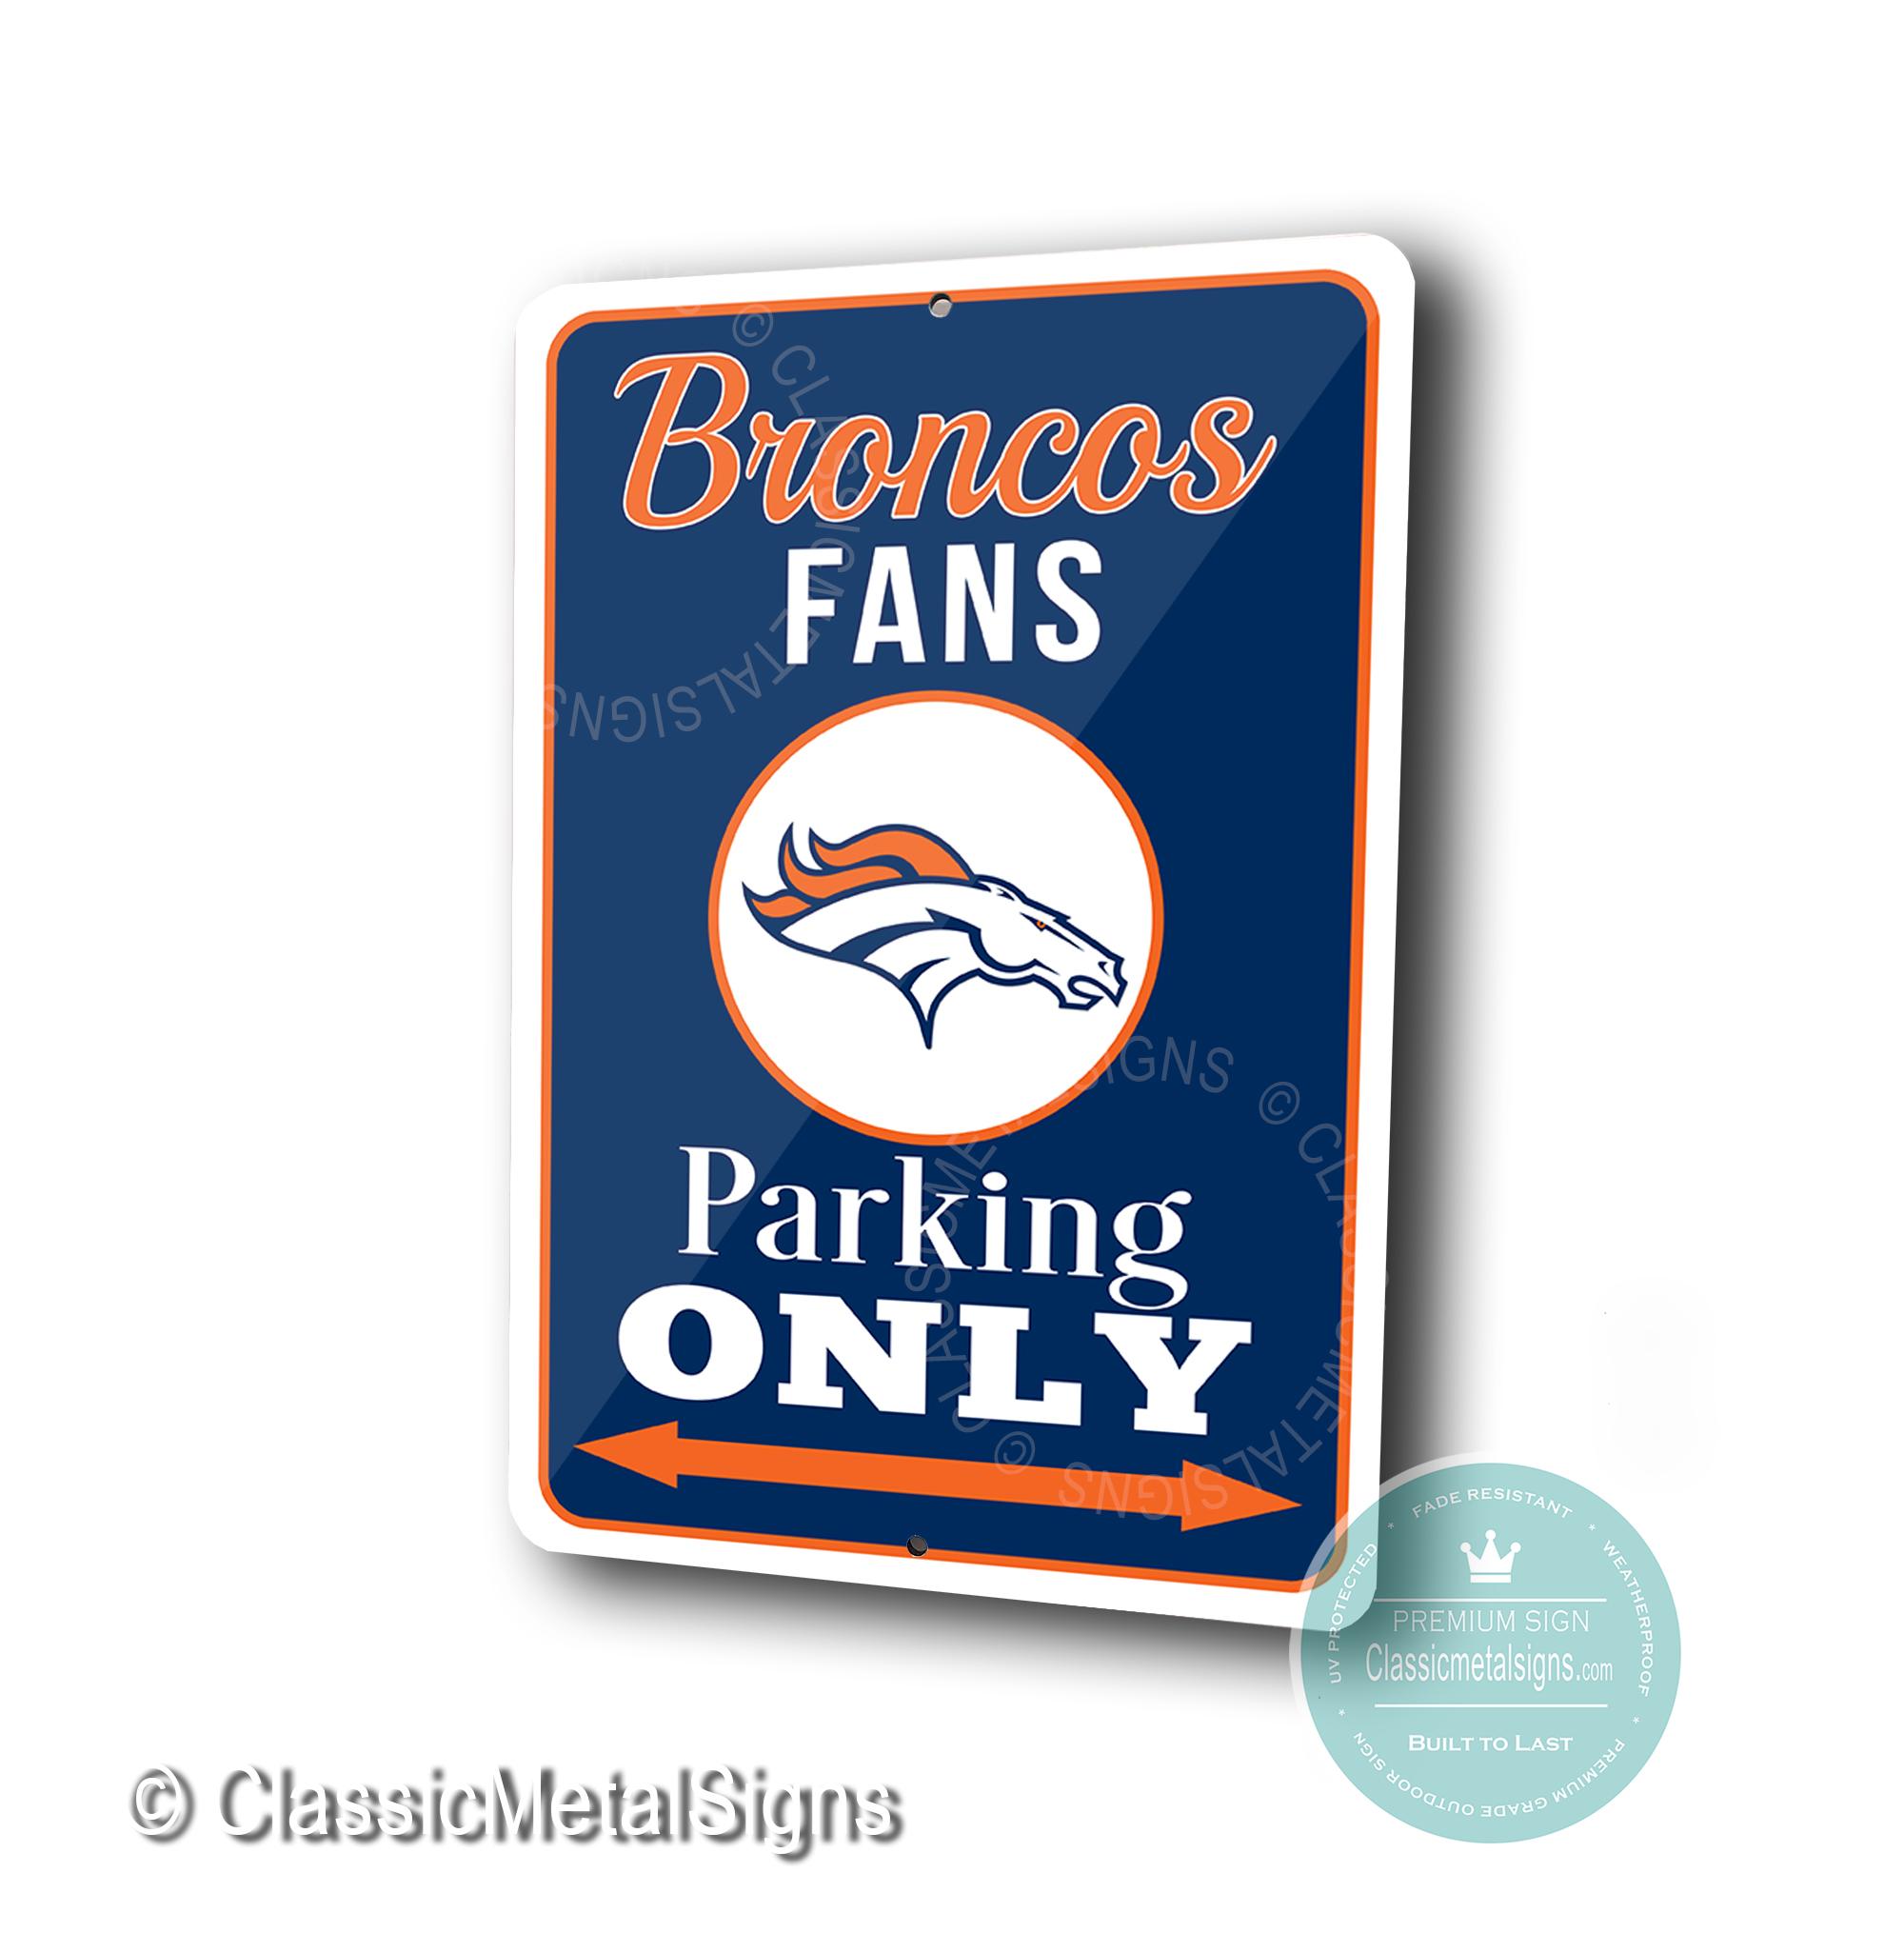 Denver Broncos Parking Only Signs